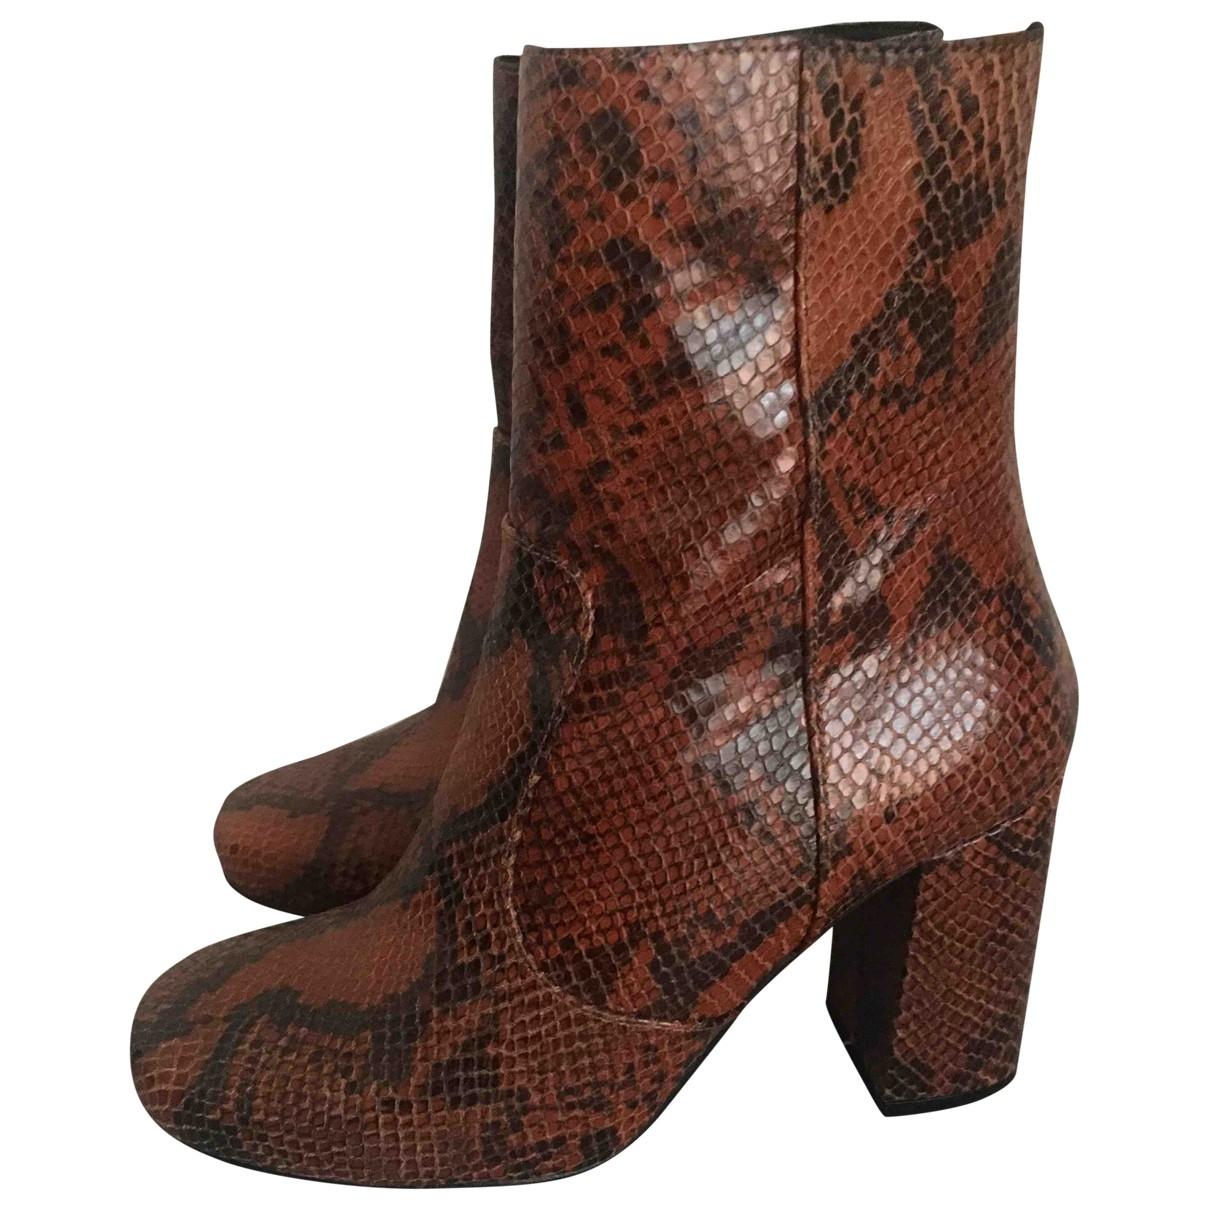 Kurt Geiger - Boots   pour femme en cuir - multicolore